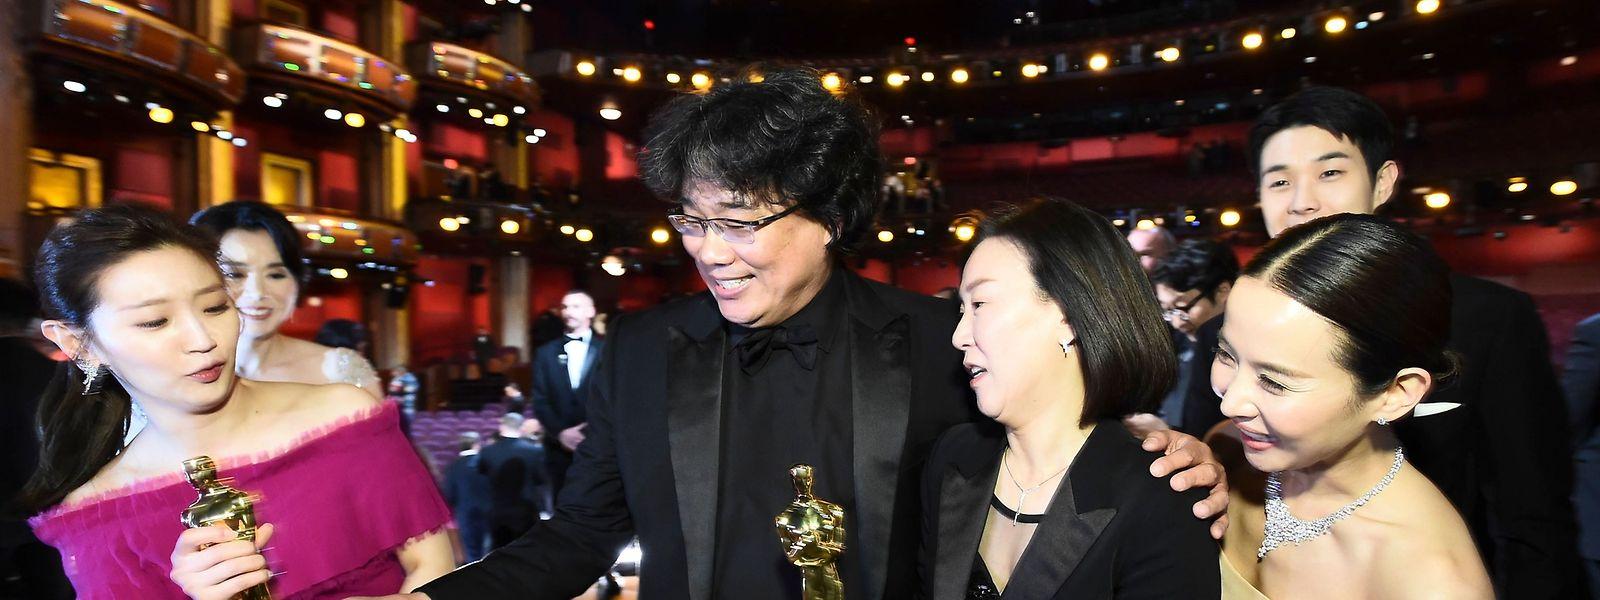 """Freude über die Anerkennung: Schauspieler aus dem Film """"Parasite"""" und Filmregisseur Bong Jon-ho."""